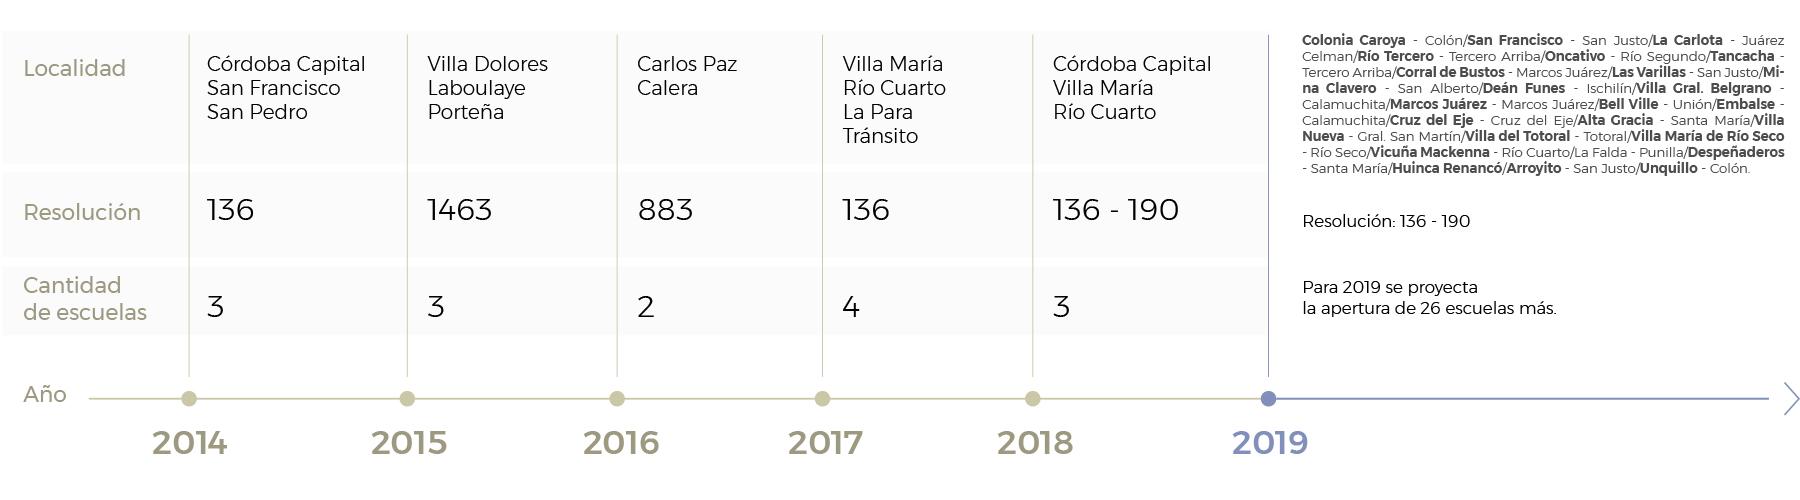 cuadro en el que se puede observar por año y localidad la cantidad de escuelas ProA que se fueron abriendo desde 2014 a la fecha además de la proyección a 2019